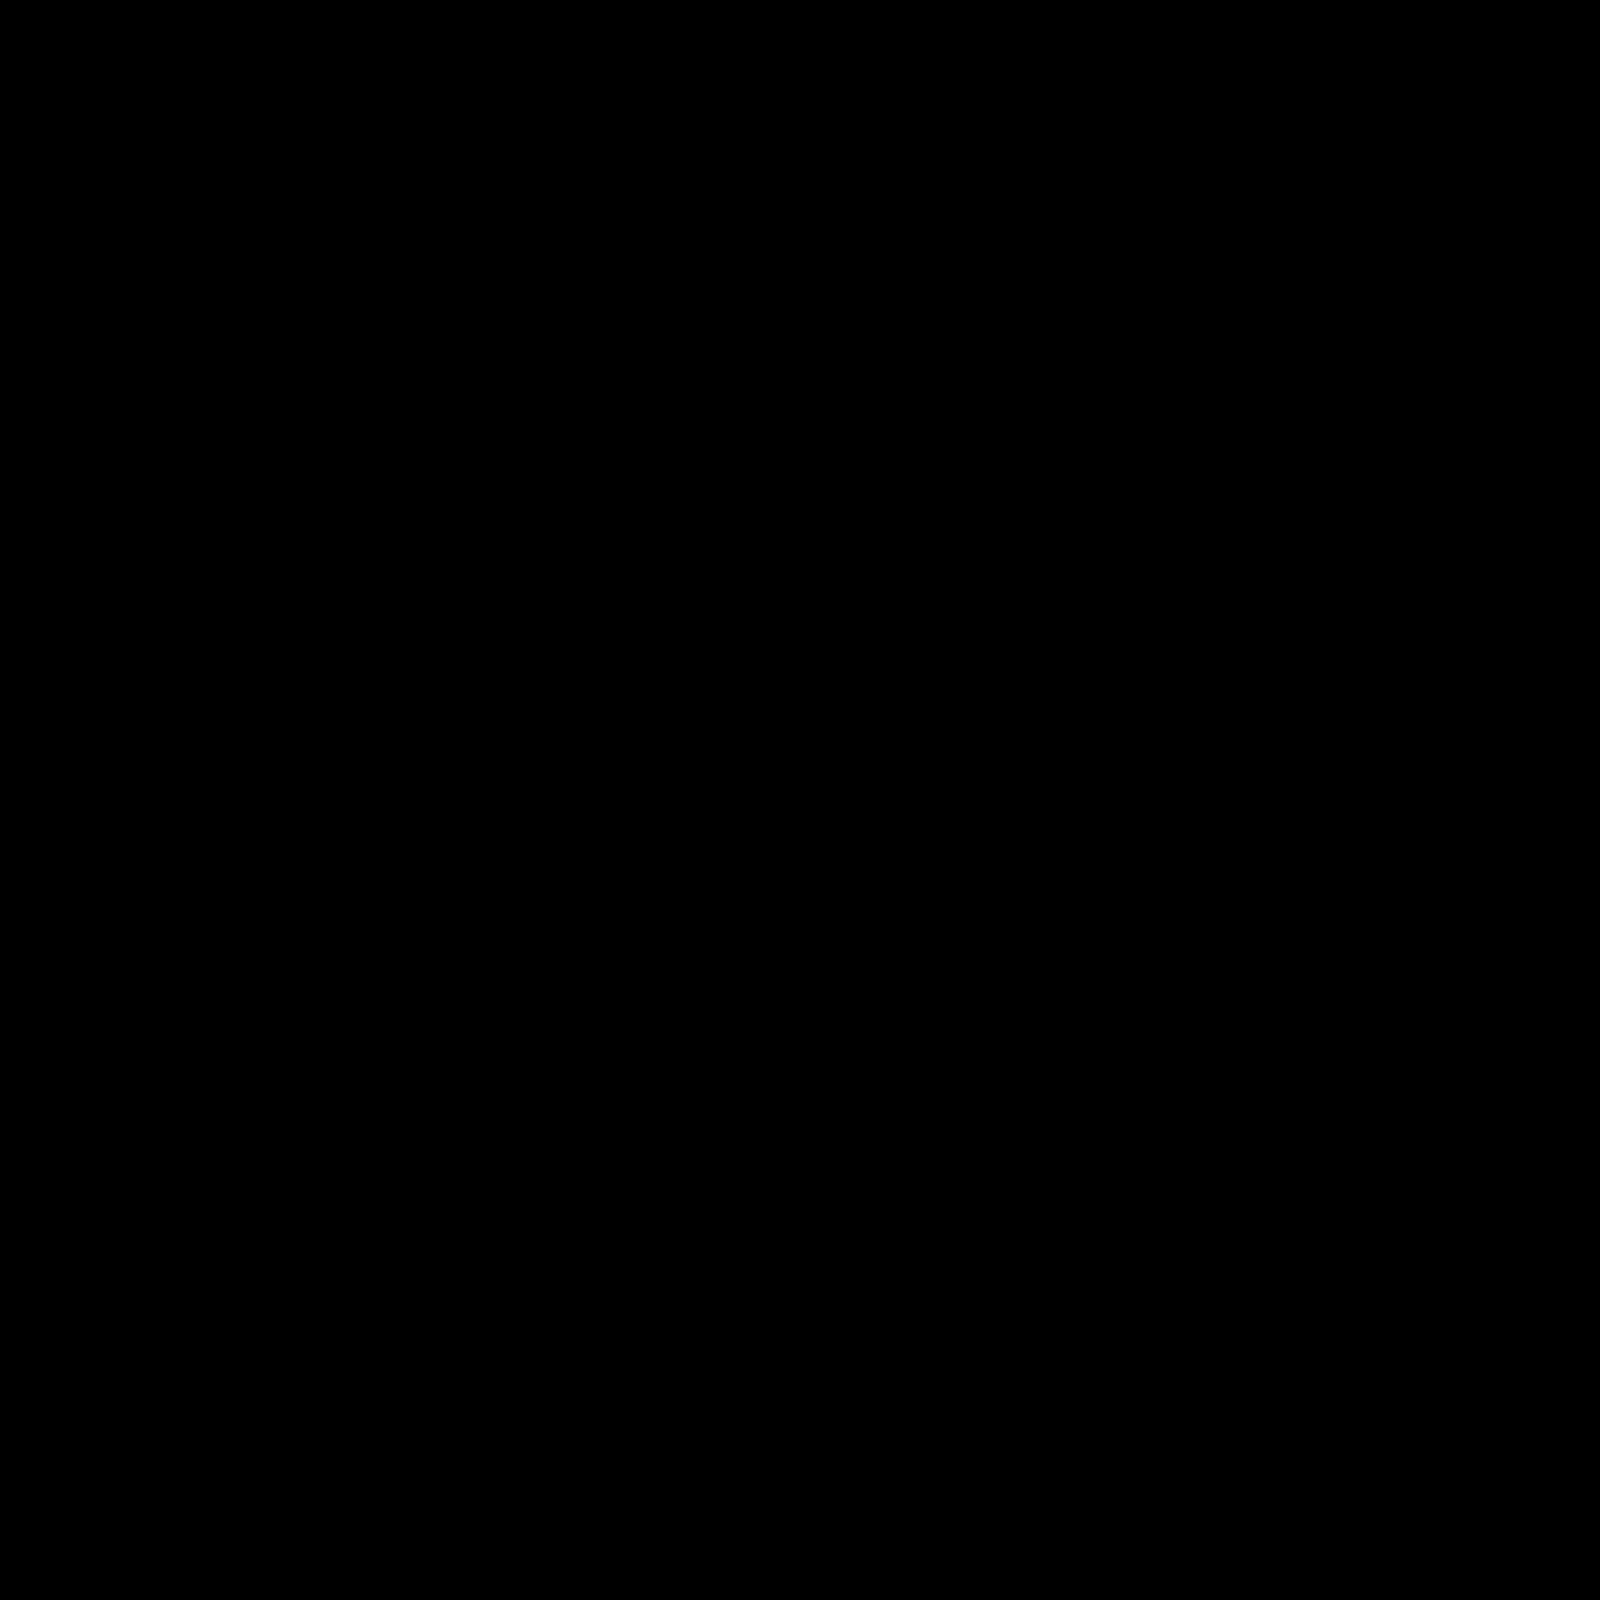 Área de massagem do pescoço e ombro icon